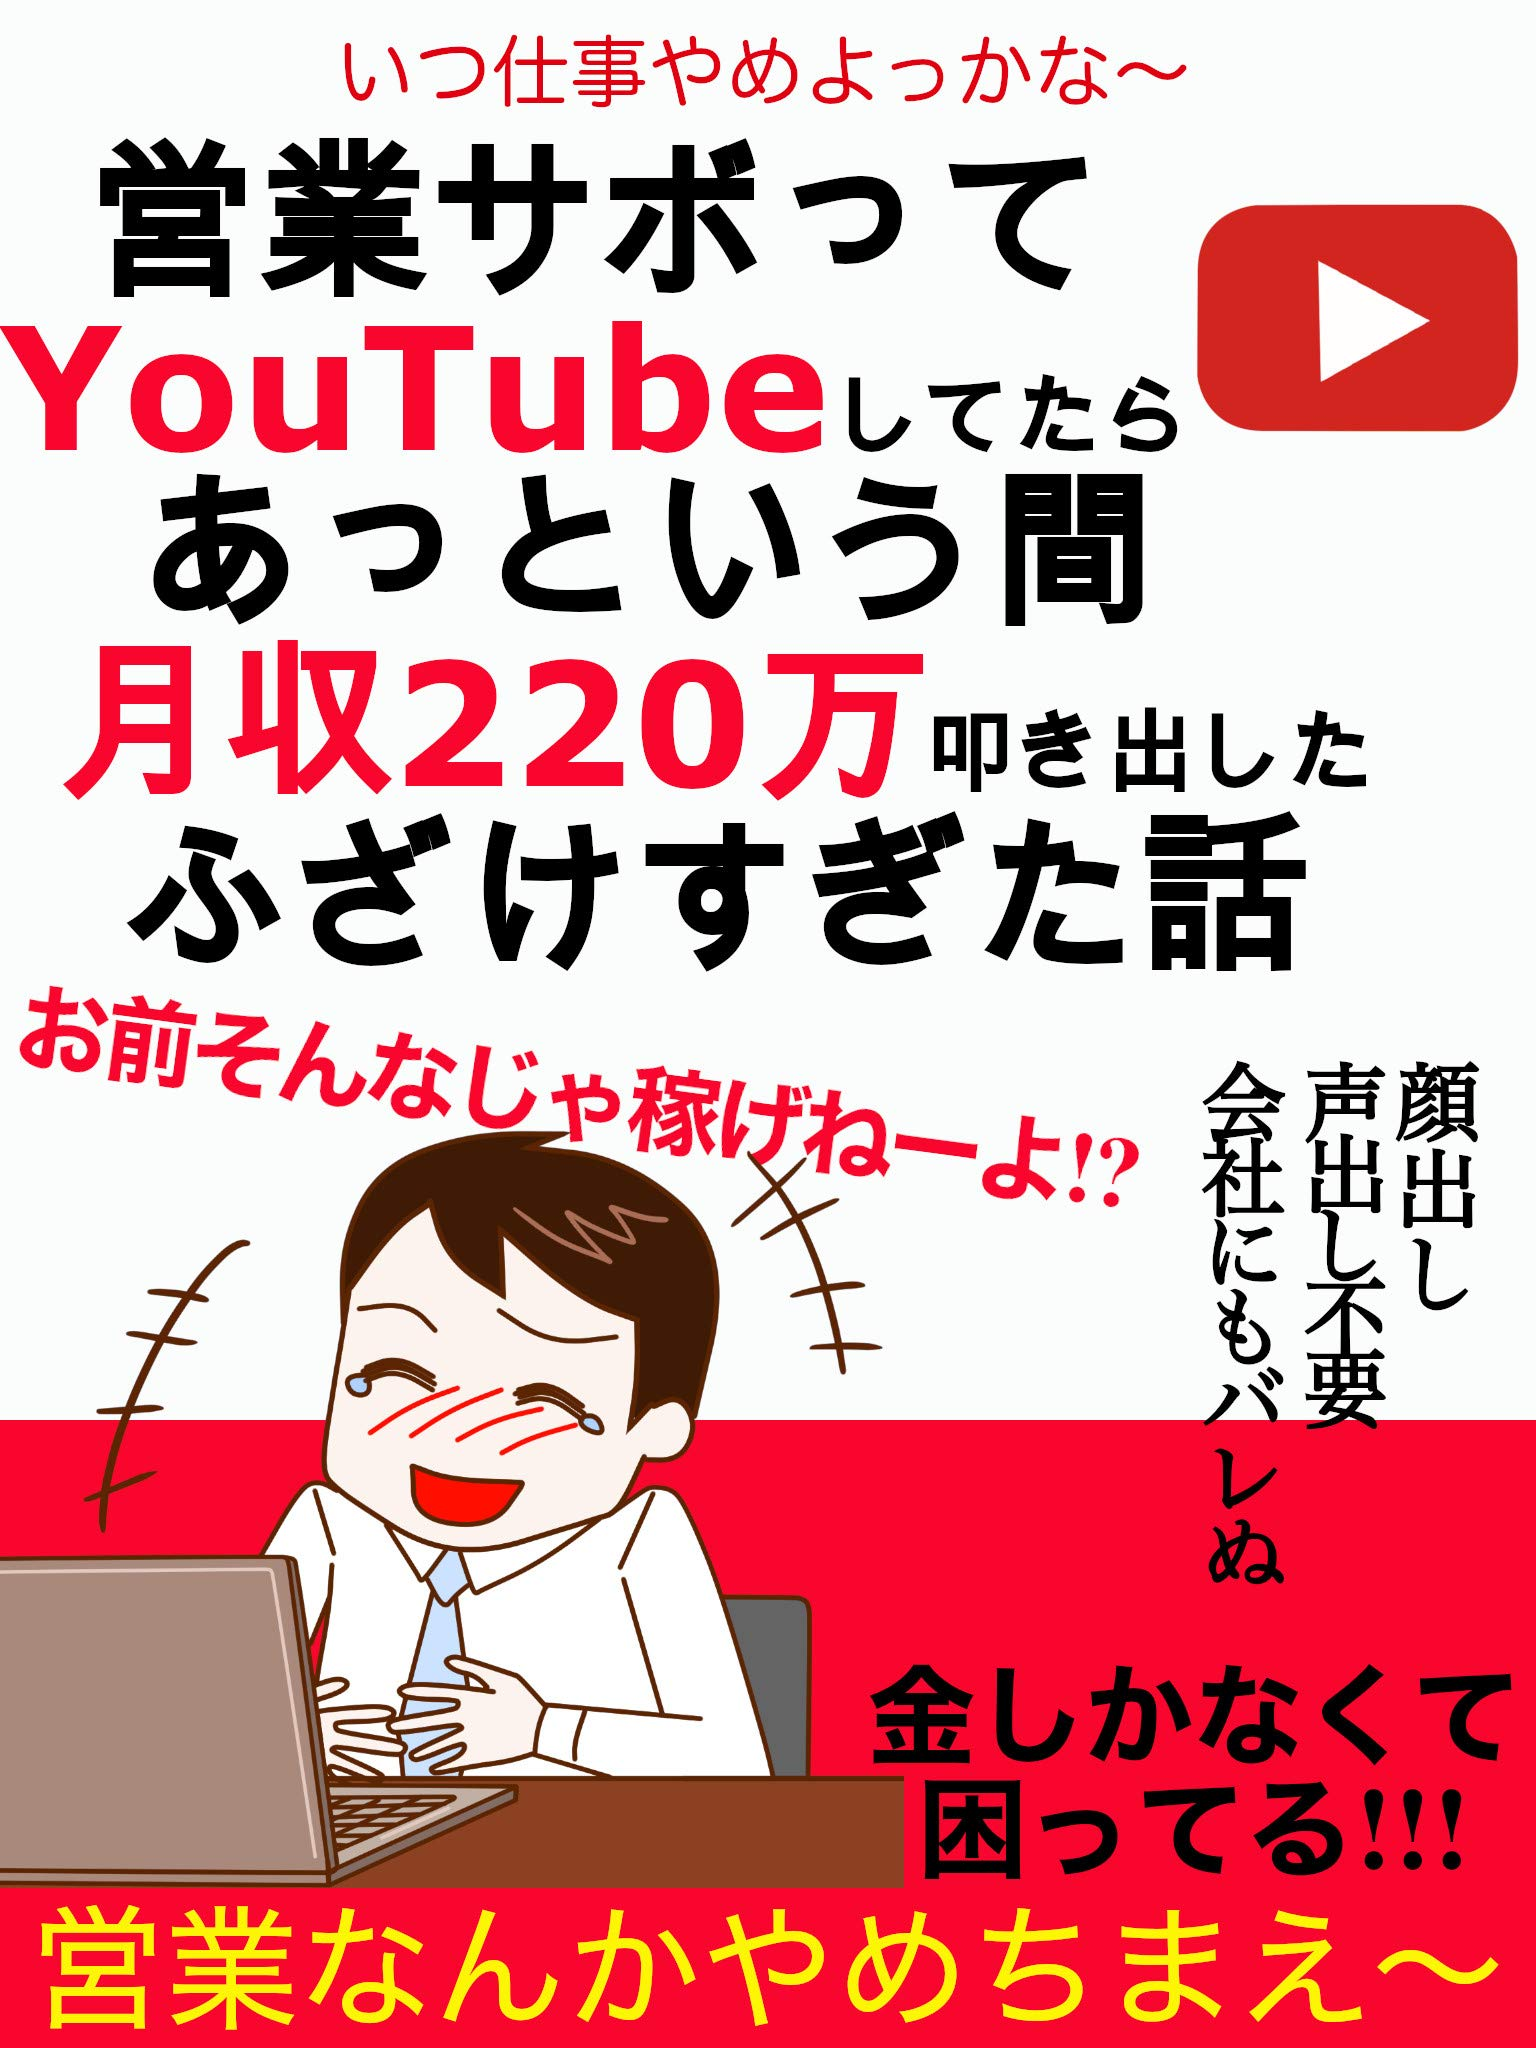 eigyousabotteyu-tyu-busitetaraattoiumanitukinihyakumanntatakidasitahuzakesugitahanasi (Japanese Edition)